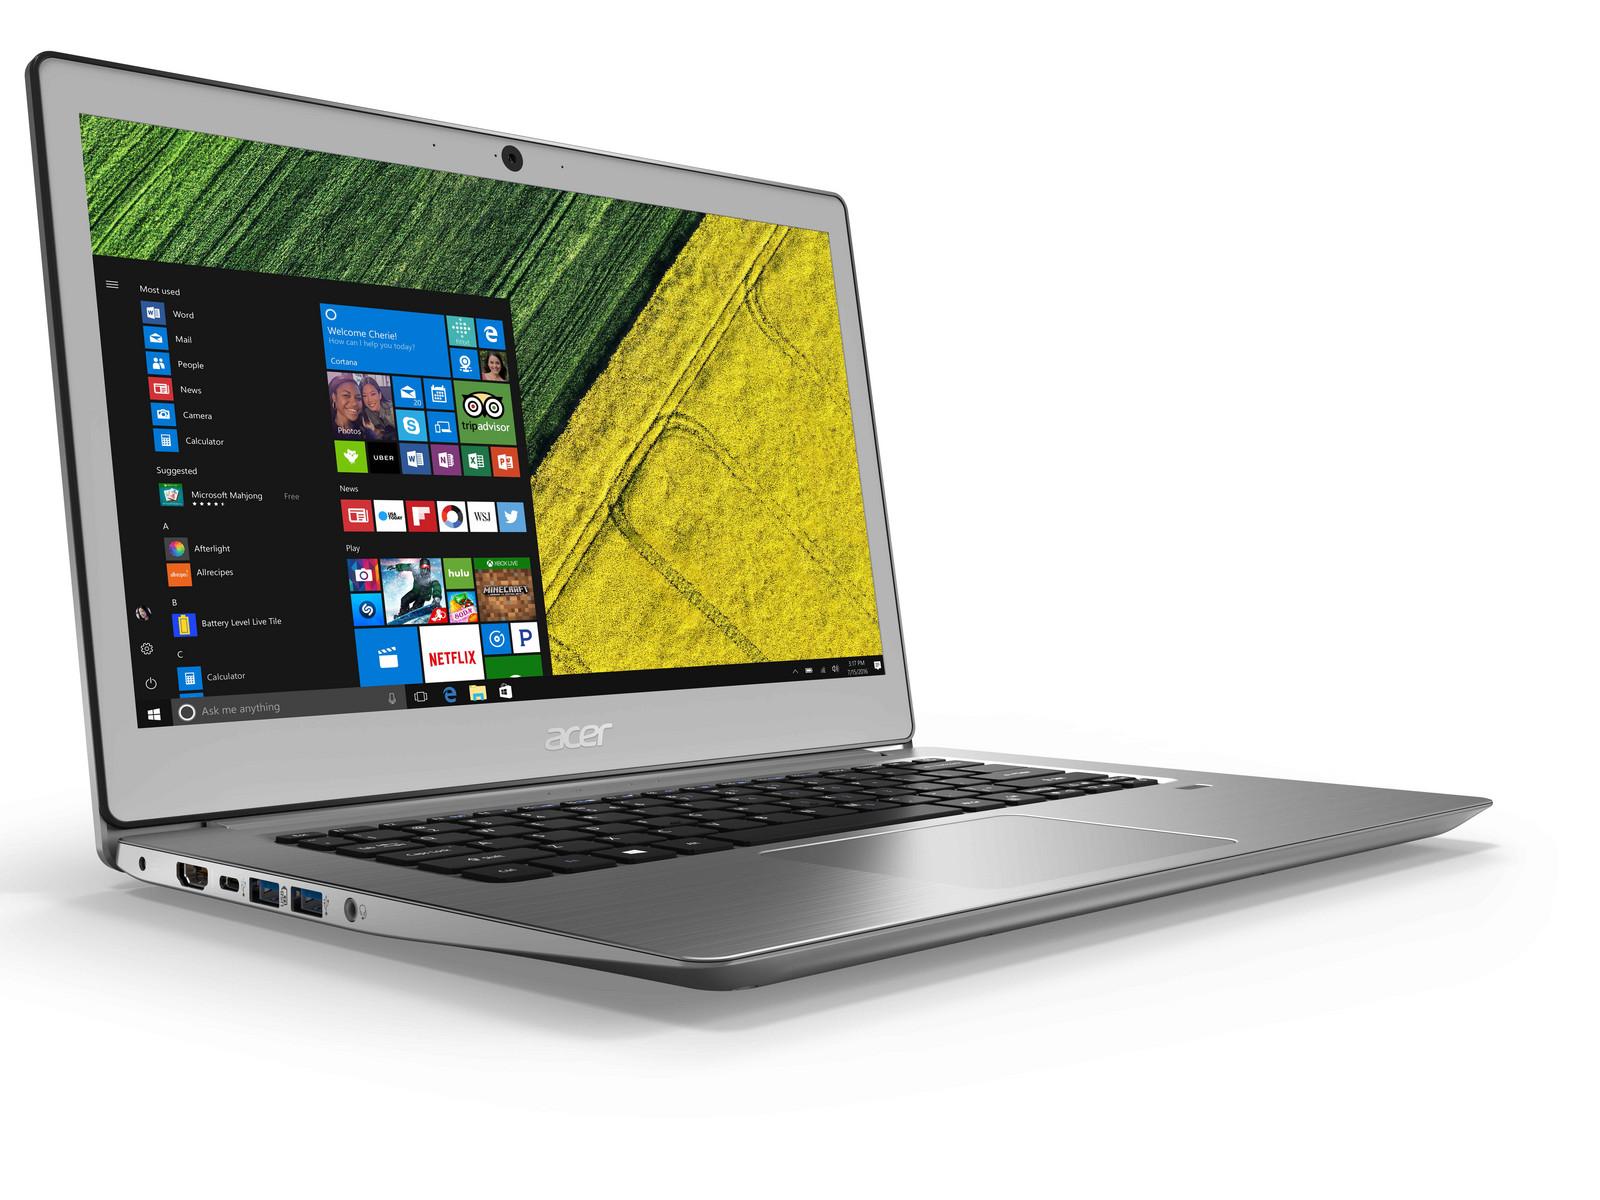 Acer Ultraschlanke Swift 1 Und 3 Laptops Gezeigt